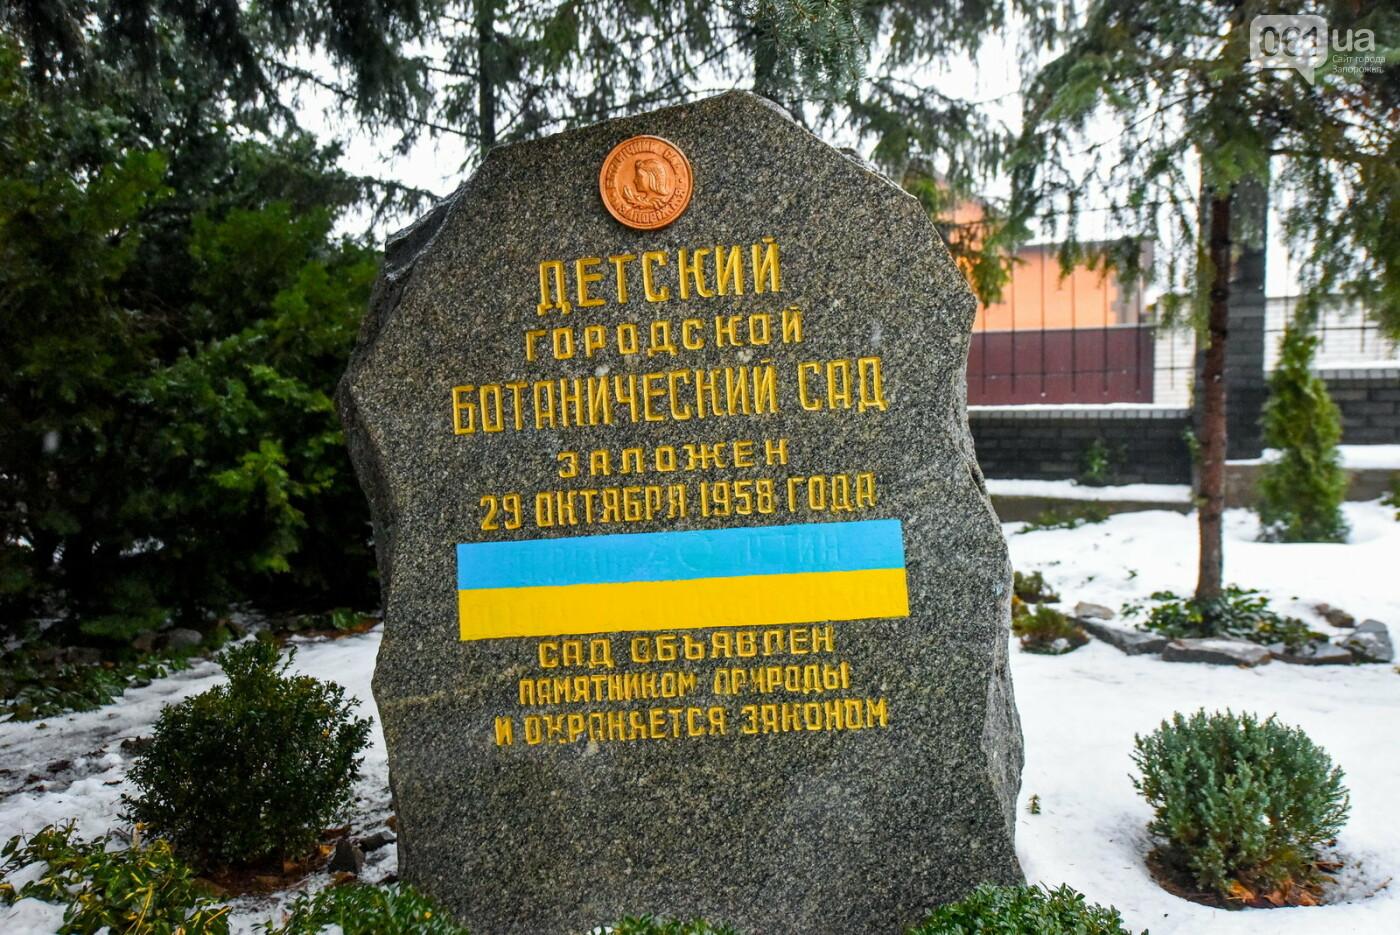 """Бананы, кинкан, огромные лимоны и """"райская птица"""" - запорожский ботанический сад в фотографиях, фото-1"""